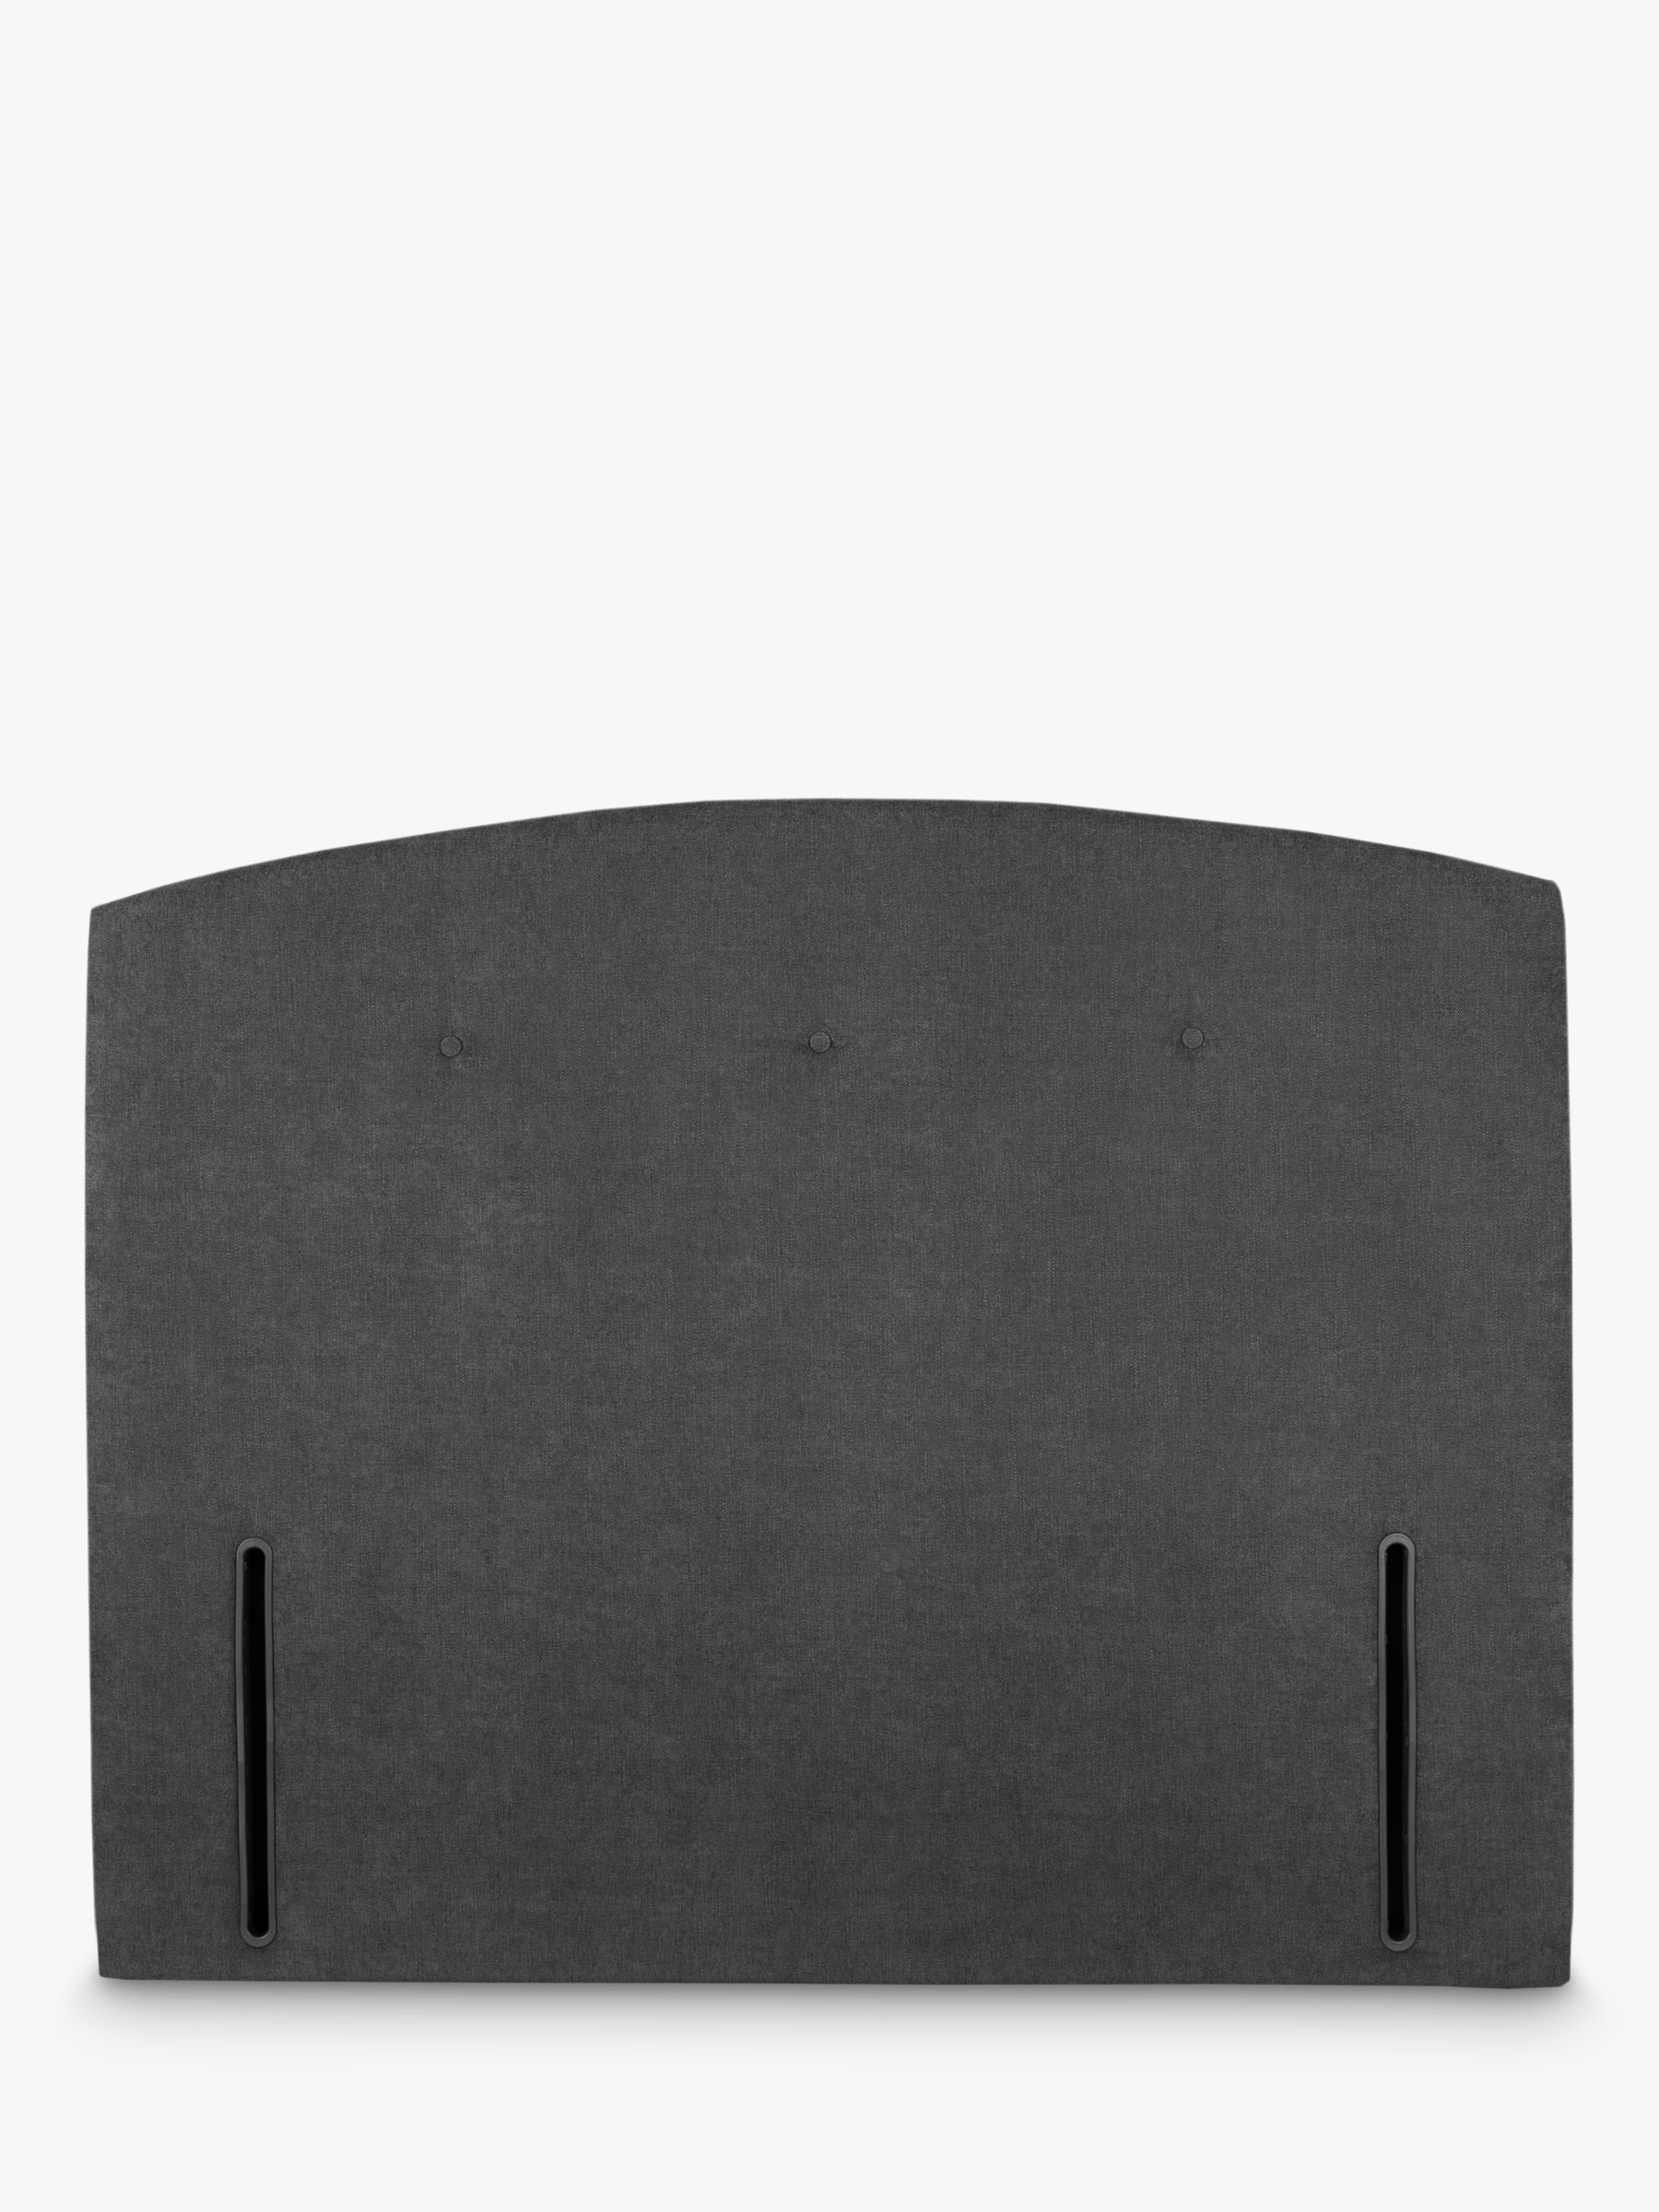 John Lewis & Partners Grace Full Depth Upholstered Headboard, Super King Size